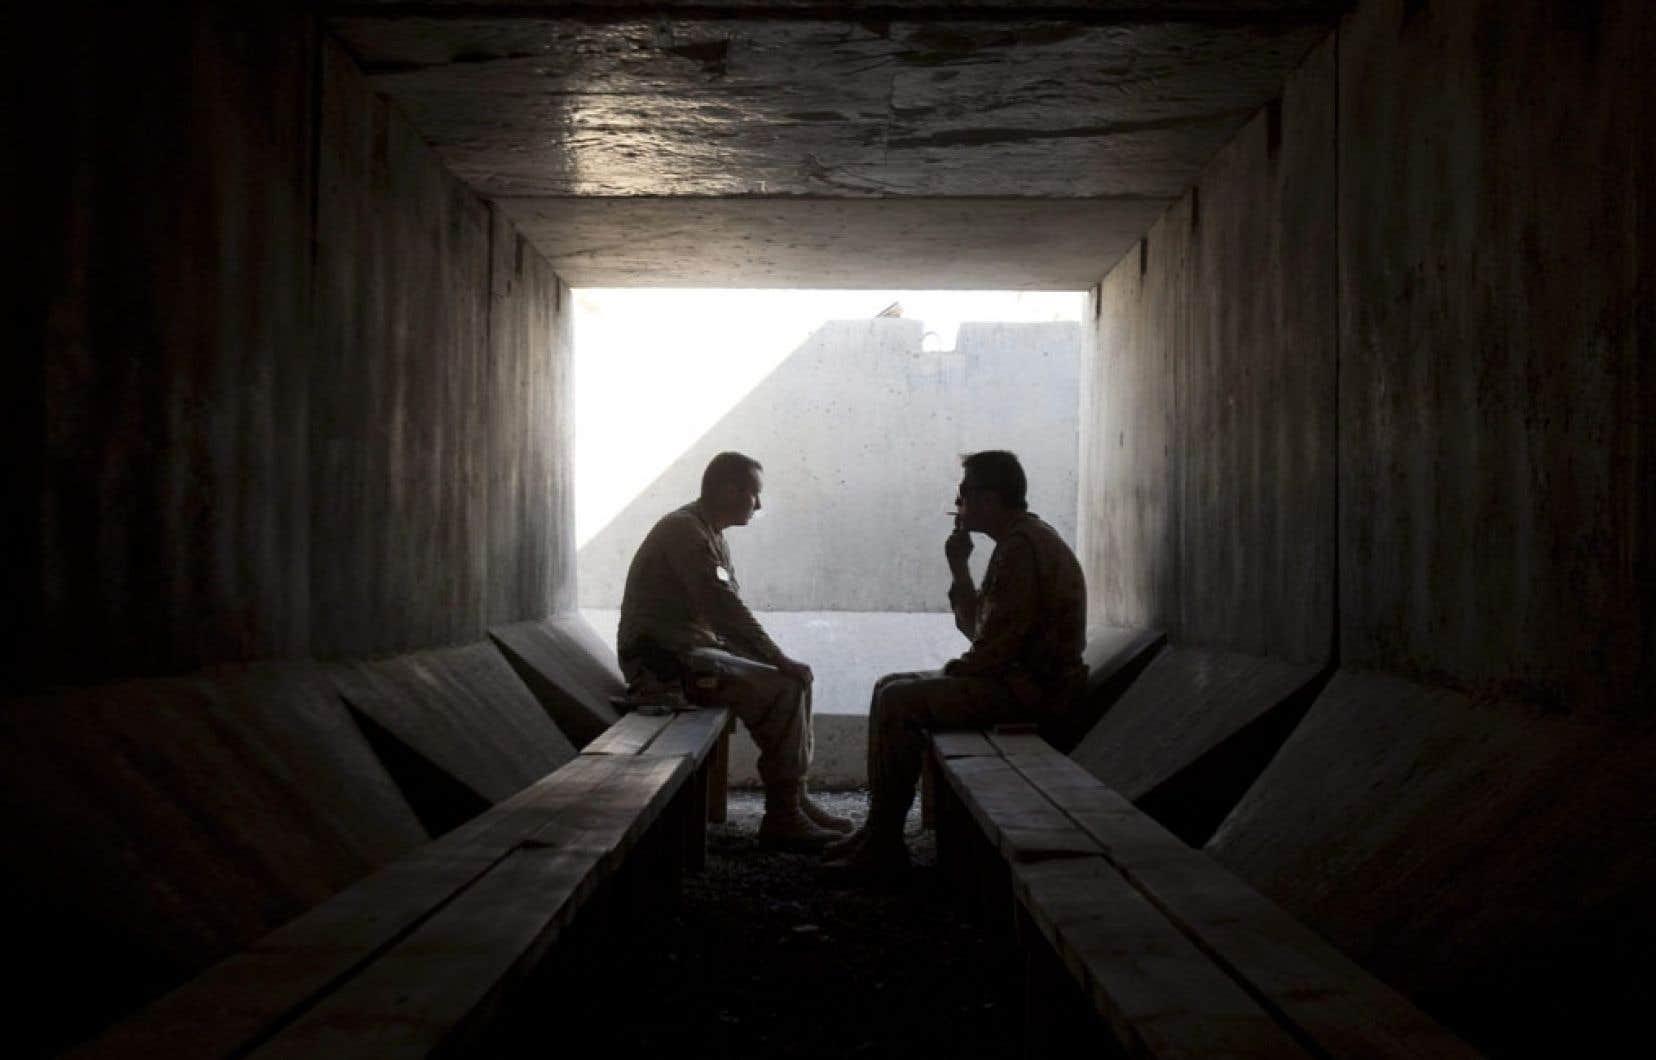 Près de 68 000 soldats, dont 86 % d'hommes, ont été contactés en août dernier pour répondre volontairement à un sondage anonyme sur le harcèlement sexuel dans les Forces canadiennes.